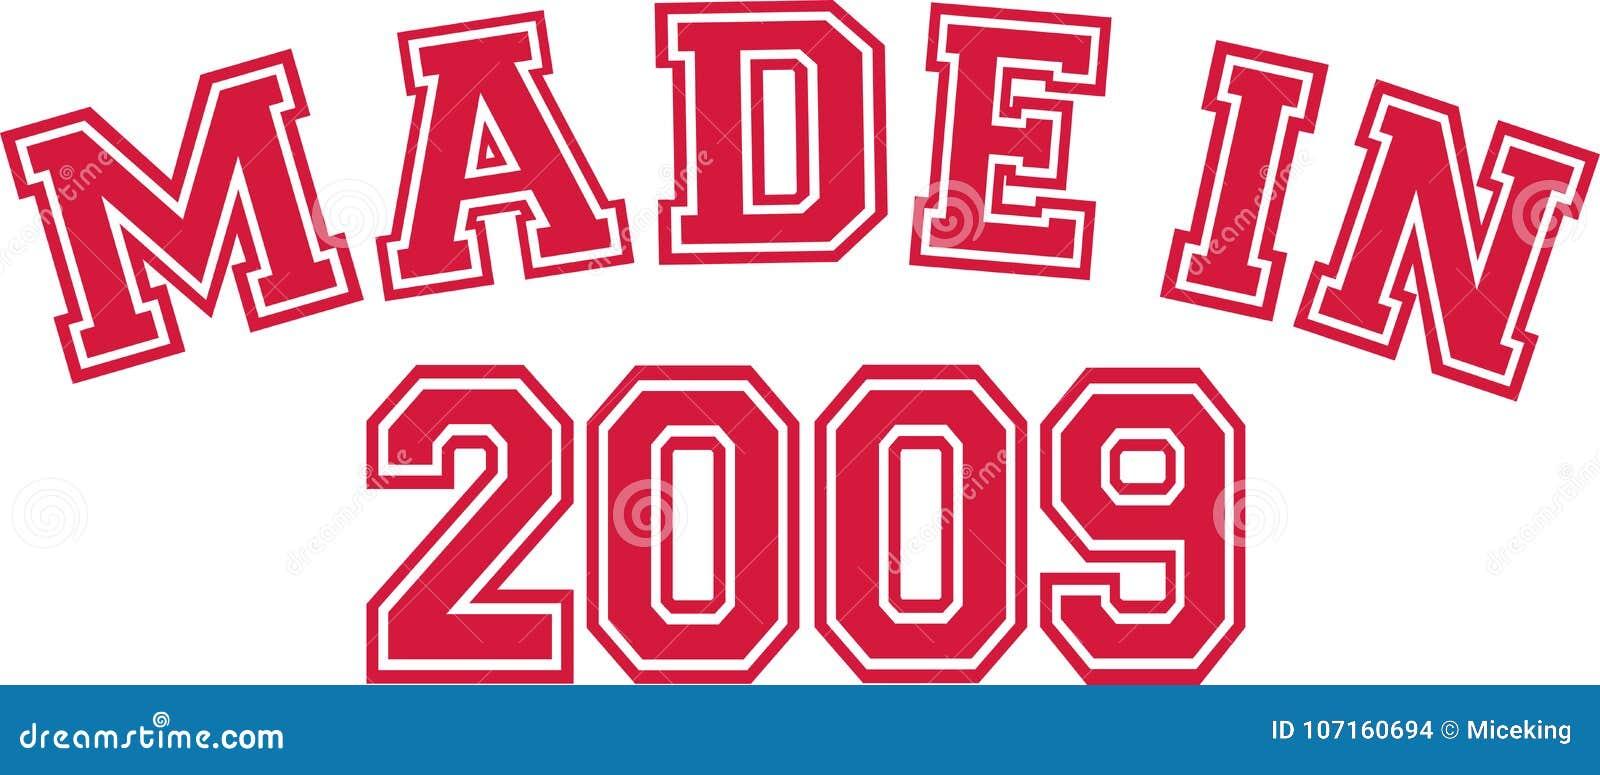 Im Jahre 2009 gemacht